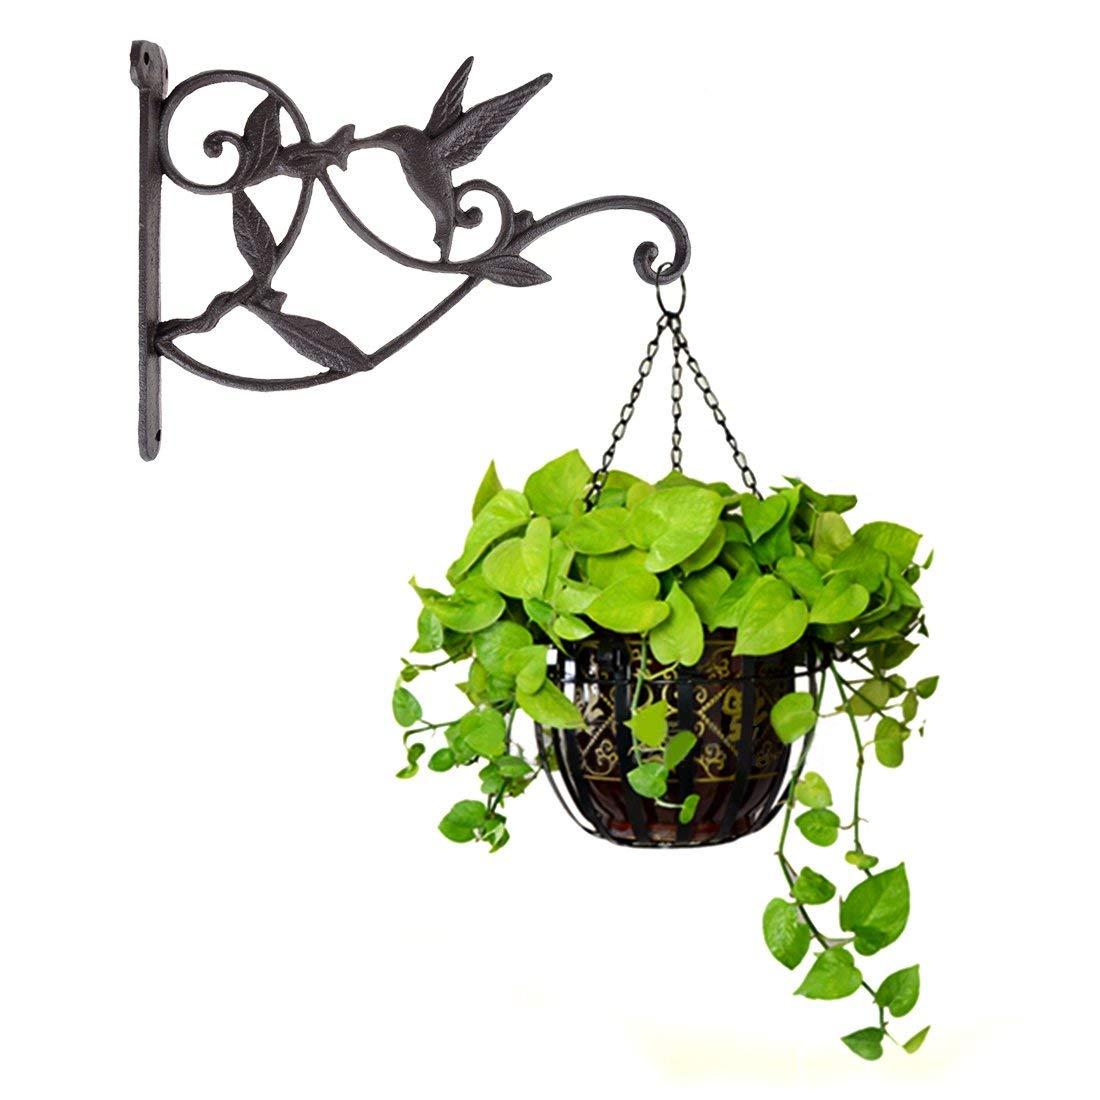 Gancho para plantas colgantes, cesta decorativa de hierro fundido colibrí, ganchos para colgar en la pared, colgador de soporte para plantas de interior y exterior Maceta para flor de autorriego, plantador de pared Vertical apilable, duradera para jardín, balcón GQ999